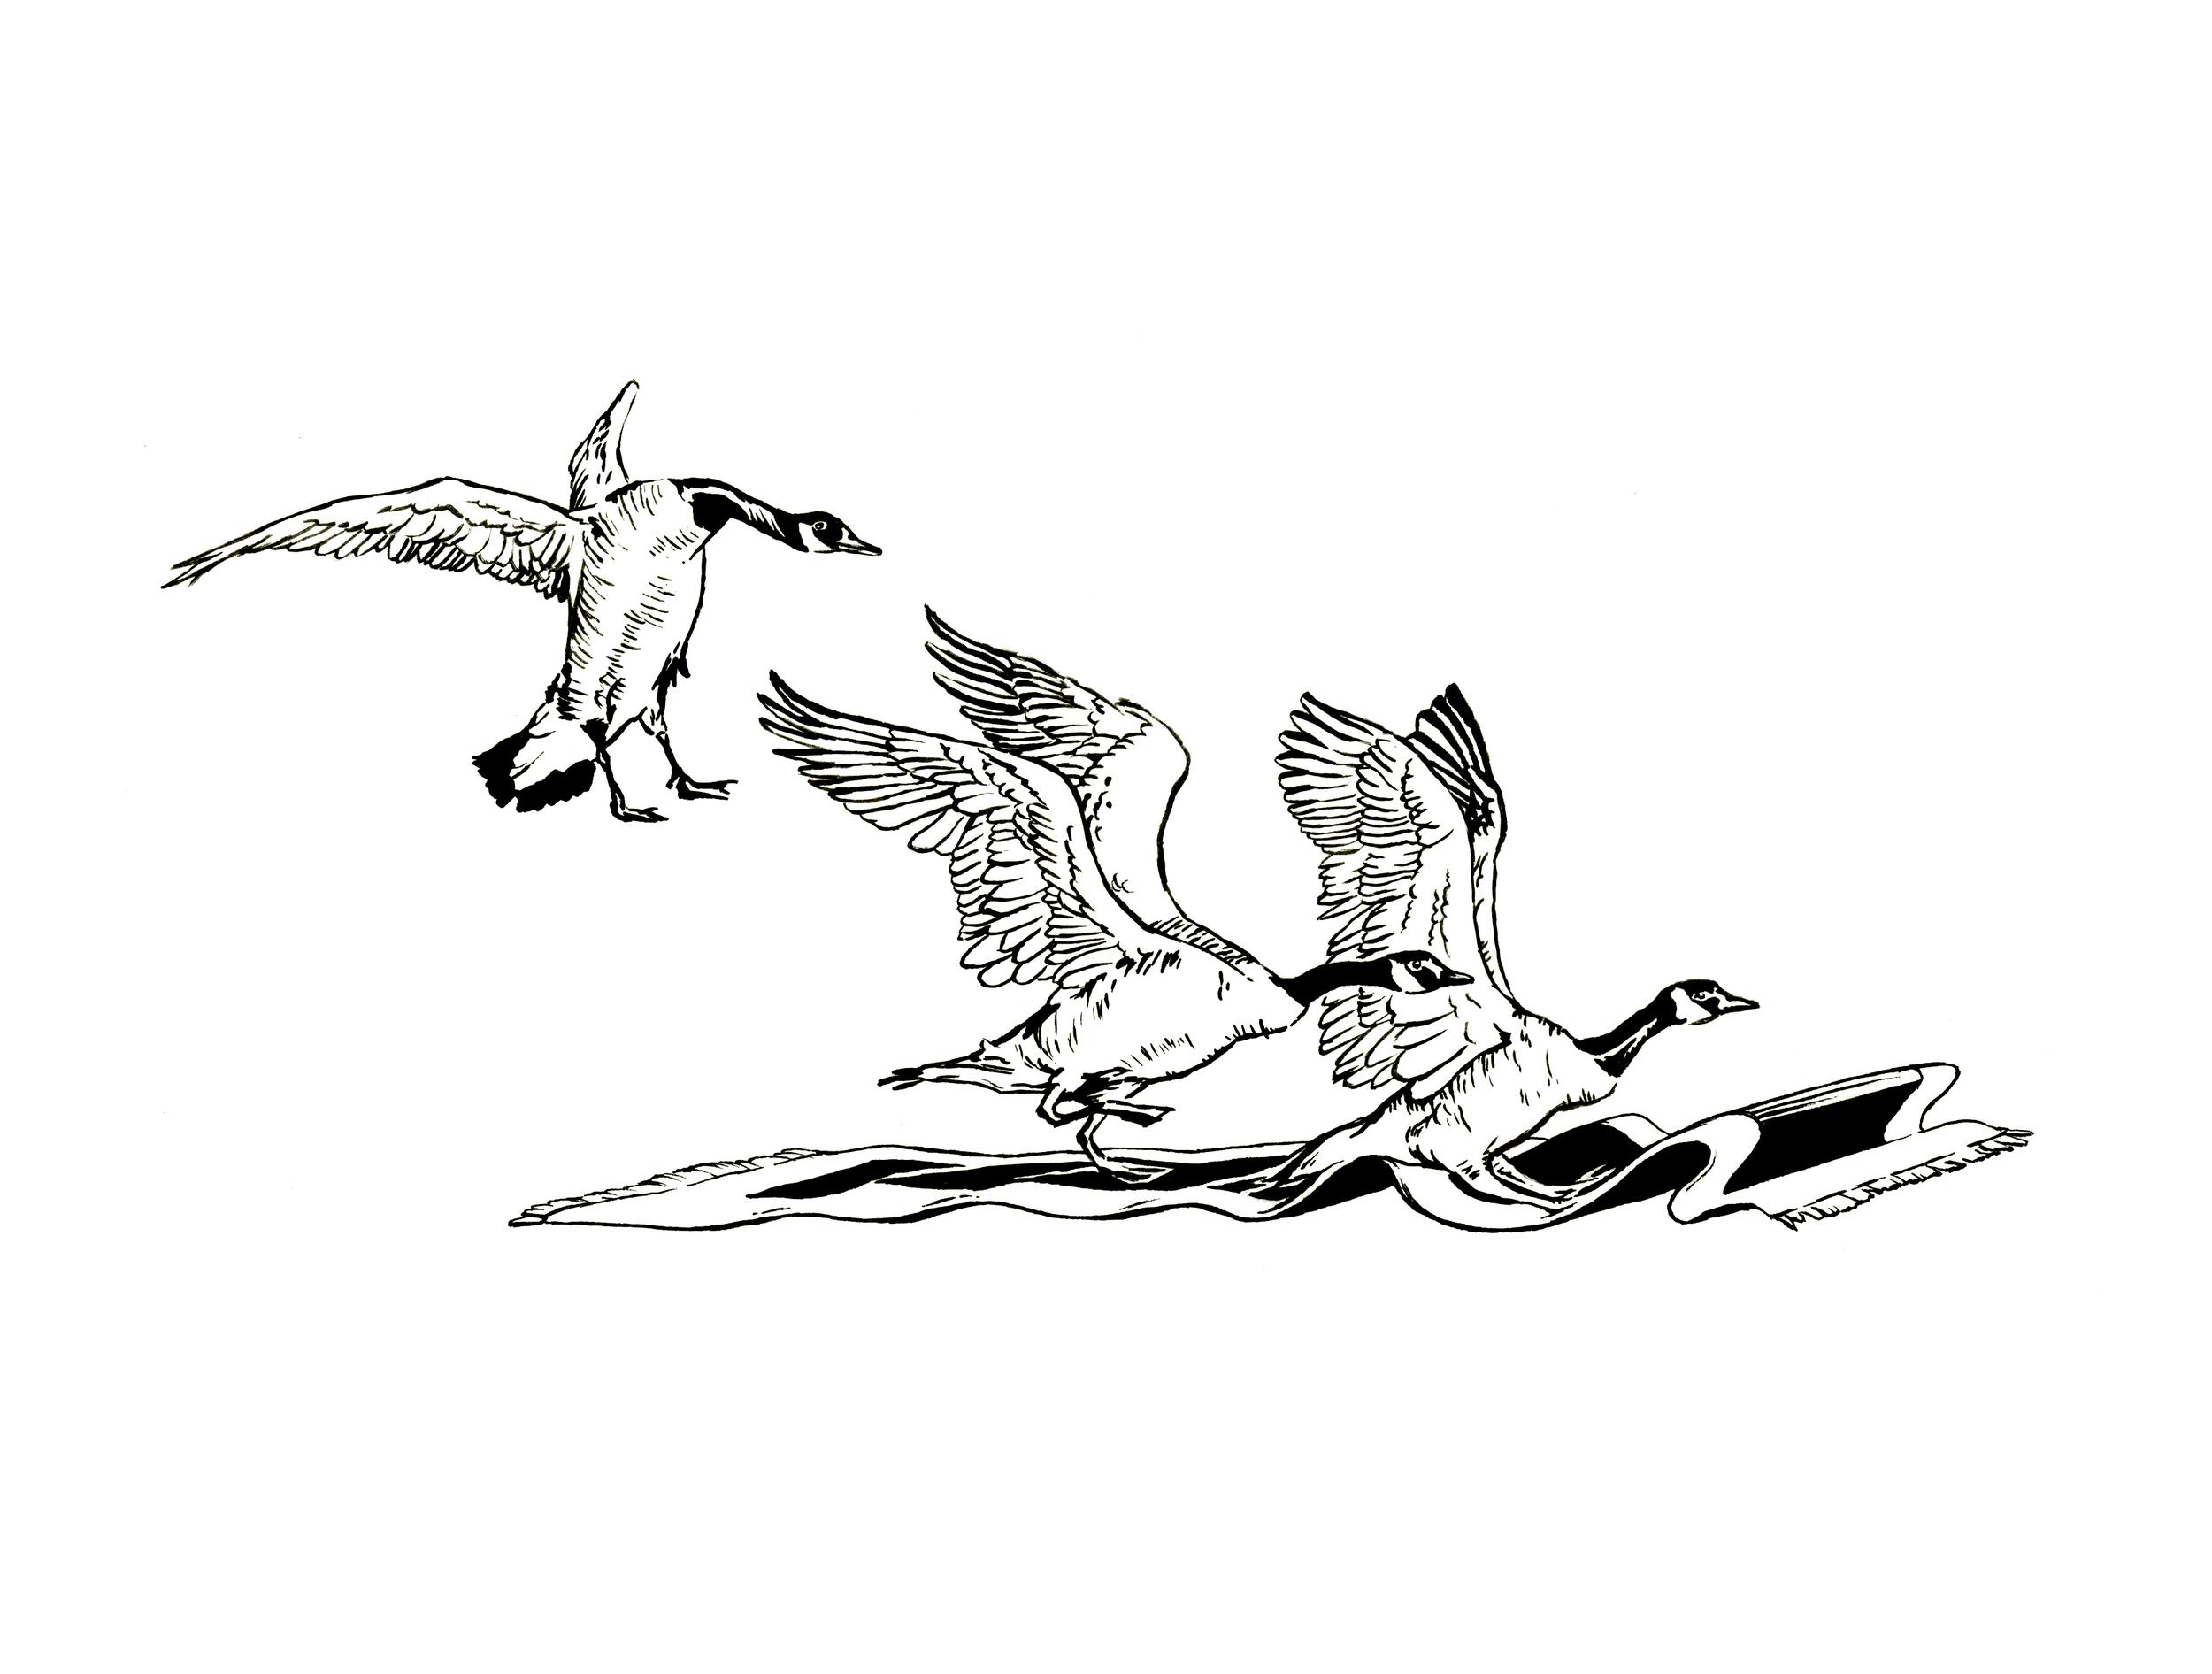 lauritano_2014_dm_geese.jpg